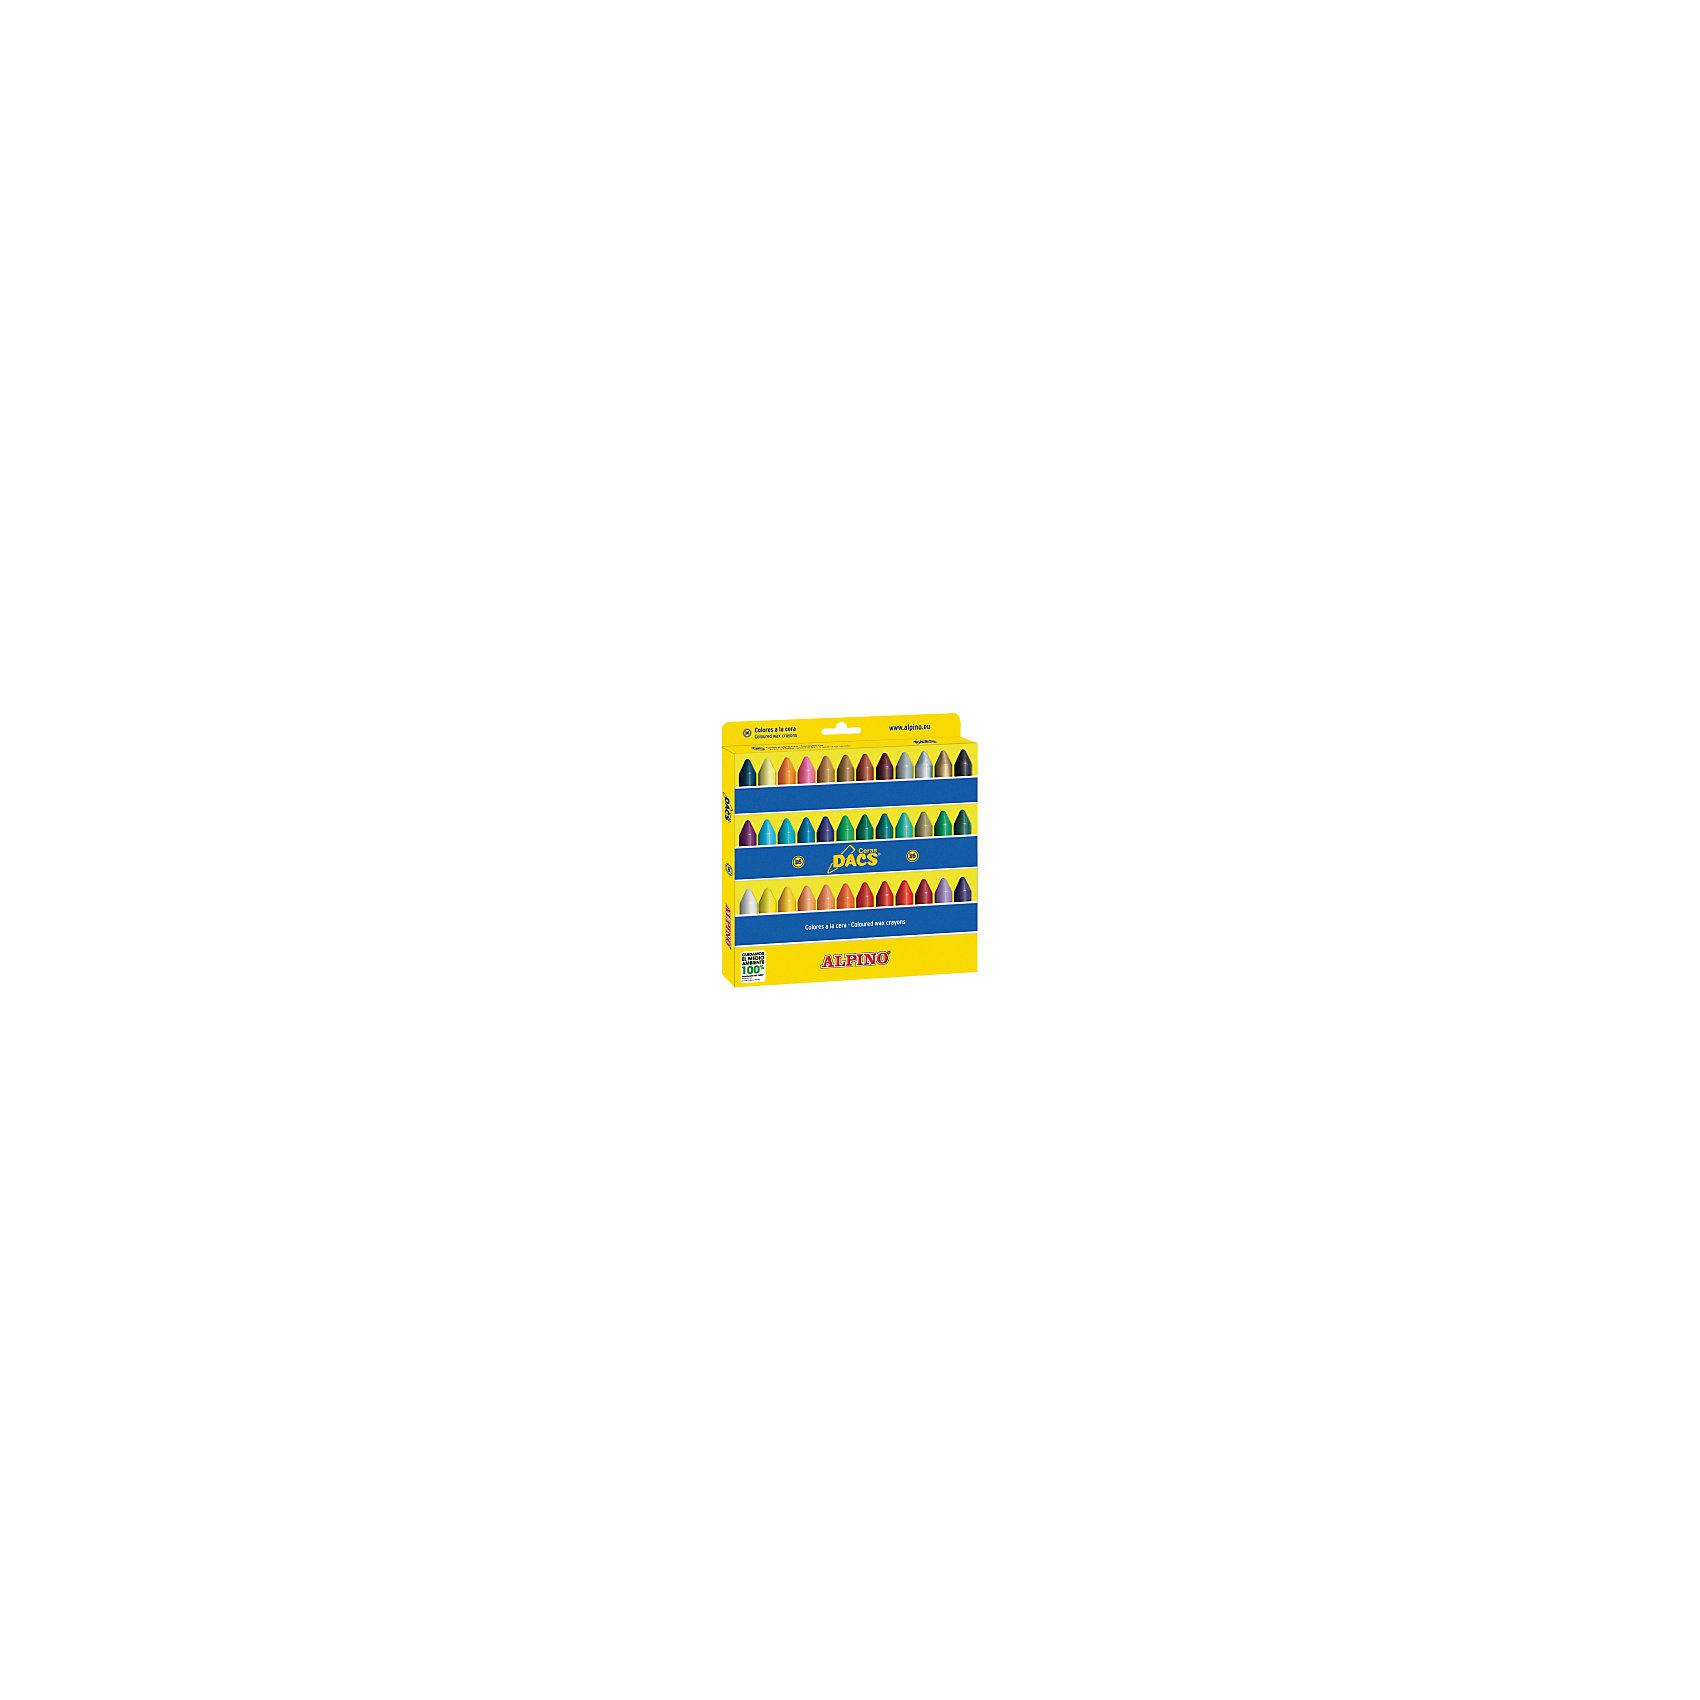 Восковые карандаши Ceras DACS, 36 цв.Изготовлены по европейским стандартам качества (CE, EN 71, ISO 14021).<br>Экологически чистый материал без аллергических компонентов на основе натурального воска (Non-Allergic).<br>Особая кремовая мягкость, позволяющая смешивать цвета и получать новые оттенки. Утолщённое сечение.<br>Чистые, яркие и насыщенные цвета. Отсутствие слоистости и равномерное окрашивание.<br>Рекомендуются опытными педагогами для развития навыков изобразительного творчества. Идеально подходят для начертания хорошо видимых жирных линий и при закрашивании больших поверхностей. Замечательно рисуют на бумаге, картоне, ватмане, деревянных, глиняных и других шероховатых поверхностях.<br>Низкая утомляемость рук.<br>Водоустойчивые и устойчивые к ломке, не пачкают руки, стираются обычным ластиком.<br>Очень легко затачиваются.<br>Смываются с кожи без применения мыла, легко отстирываются с большинства обычных тканей.<br>Упаковка с европетлей<br>Производитель: ALPINO (Испания)<br><br>Ширина мм: 205<br>Глубина мм: 15<br>Высота мм: 215<br>Вес г: 227<br>Возраст от месяцев: 36<br>Возраст до месяцев: 120<br>Пол: Унисекс<br>Возраст: Детский<br>SKU: 5389740